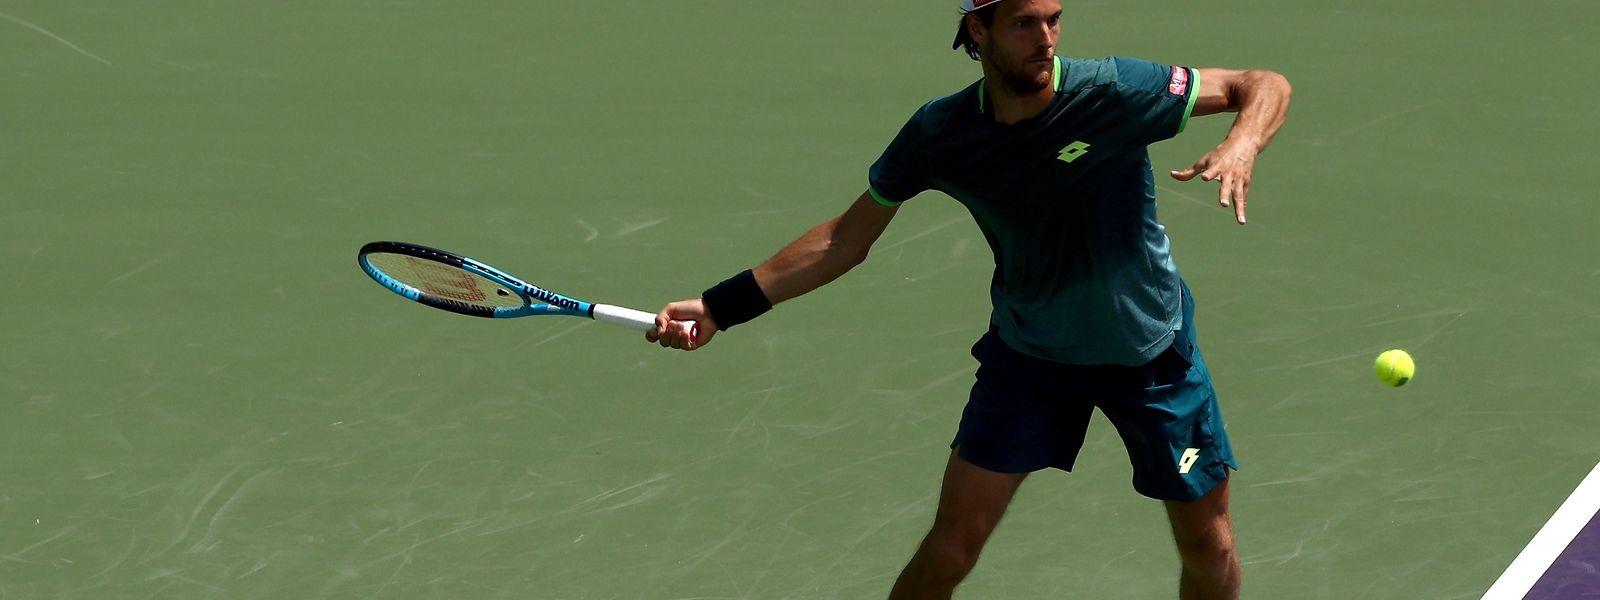 O tenista português, João Sousa.